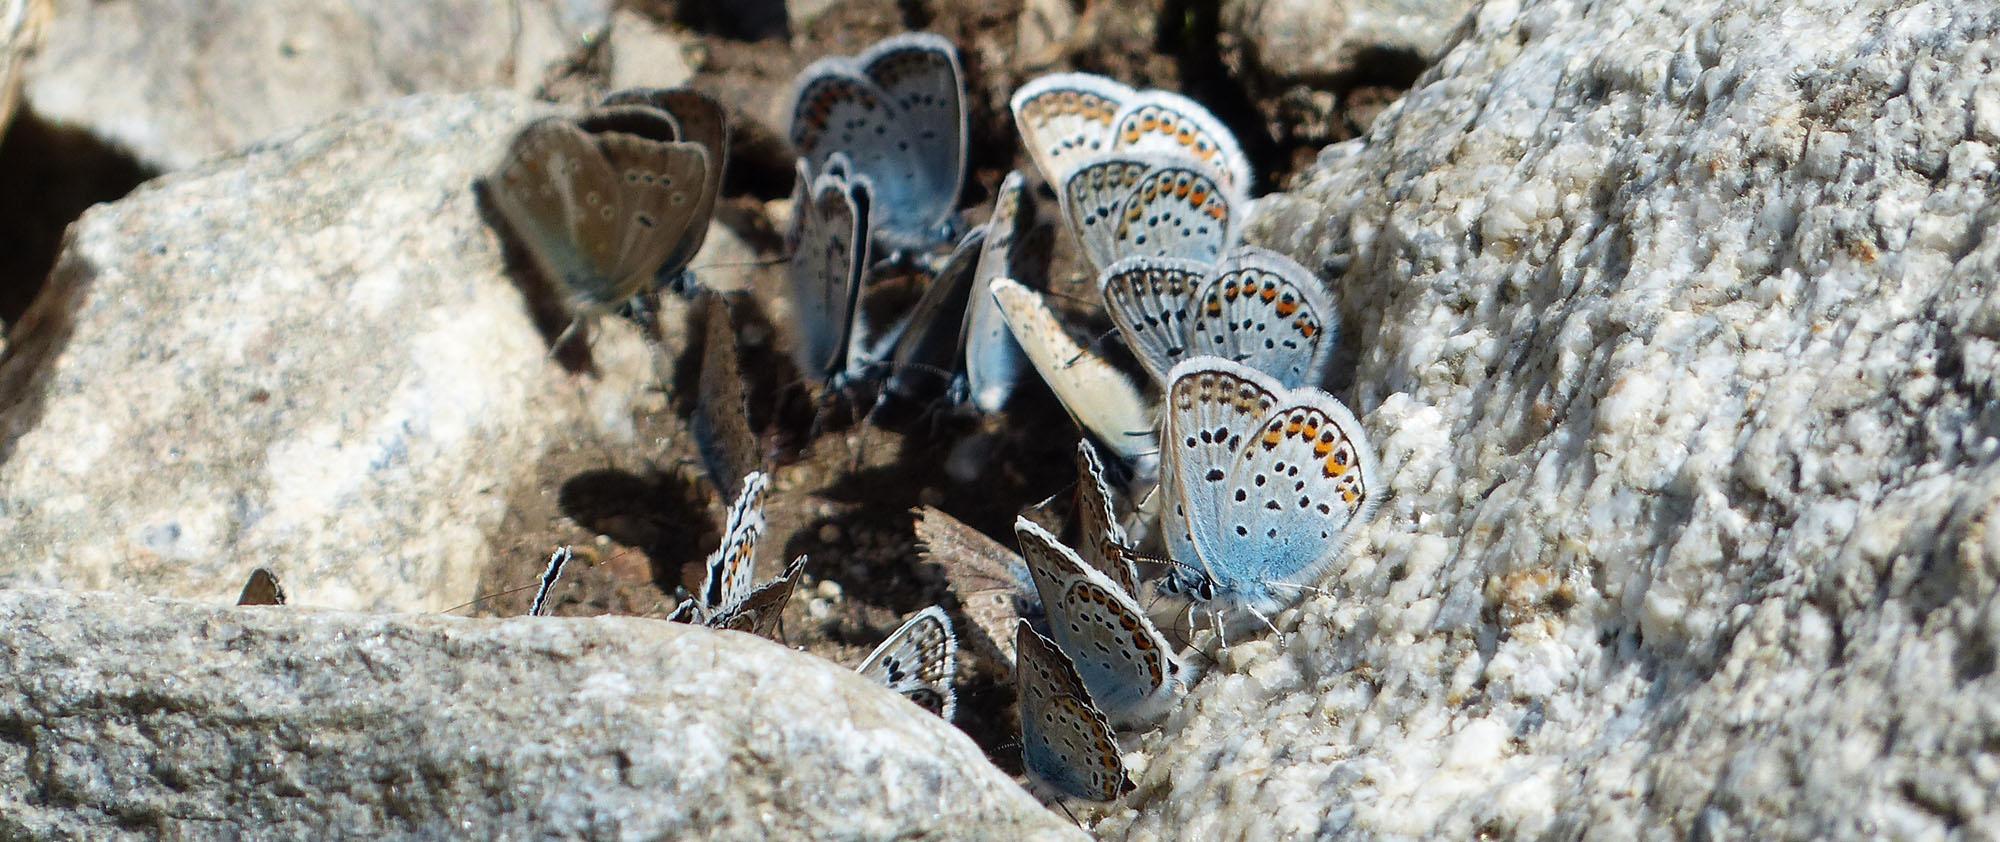 Bläuling Schmetterlinge